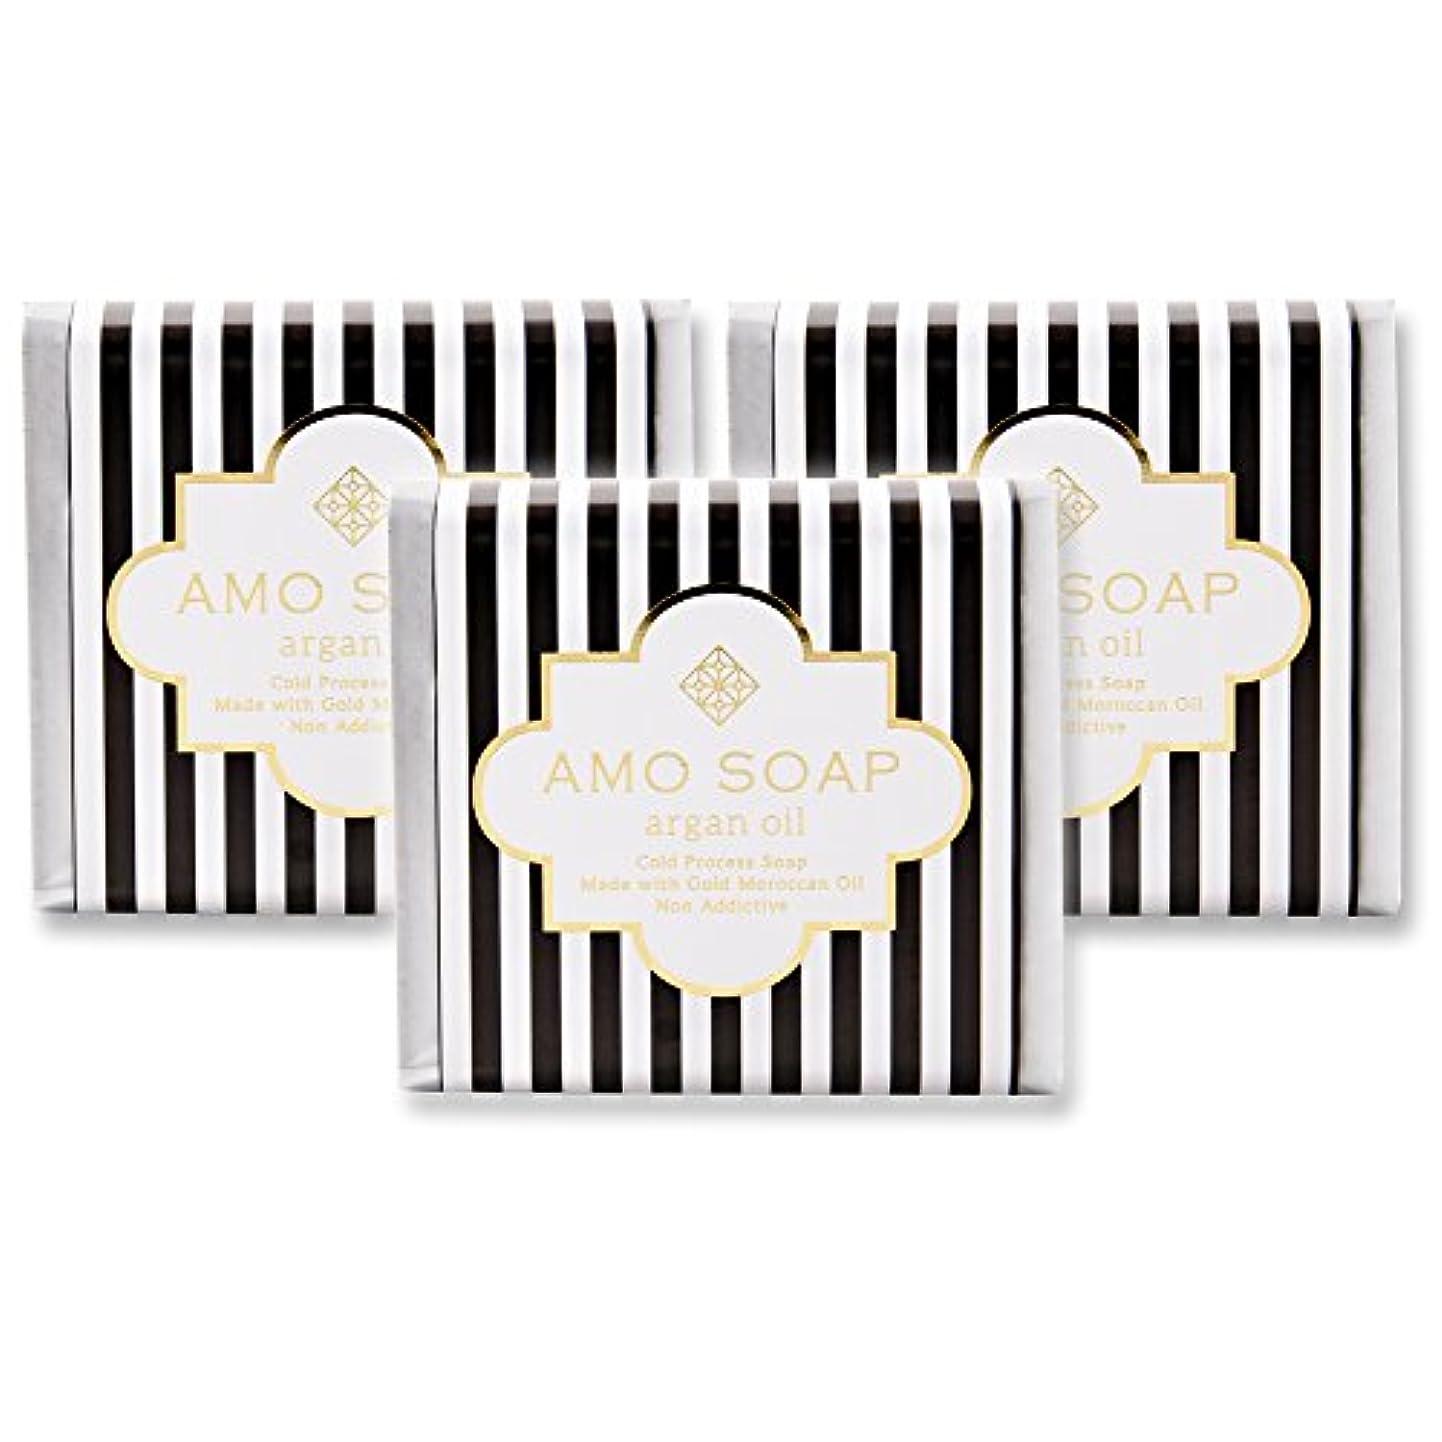 スーパー孤独記念碑AMO SOAP(アモソープ) 洗顔せっけんアルガンオイル配合 3個 コールドプロセス製法 日本製 エイジングケア オリーブオイル シアバター